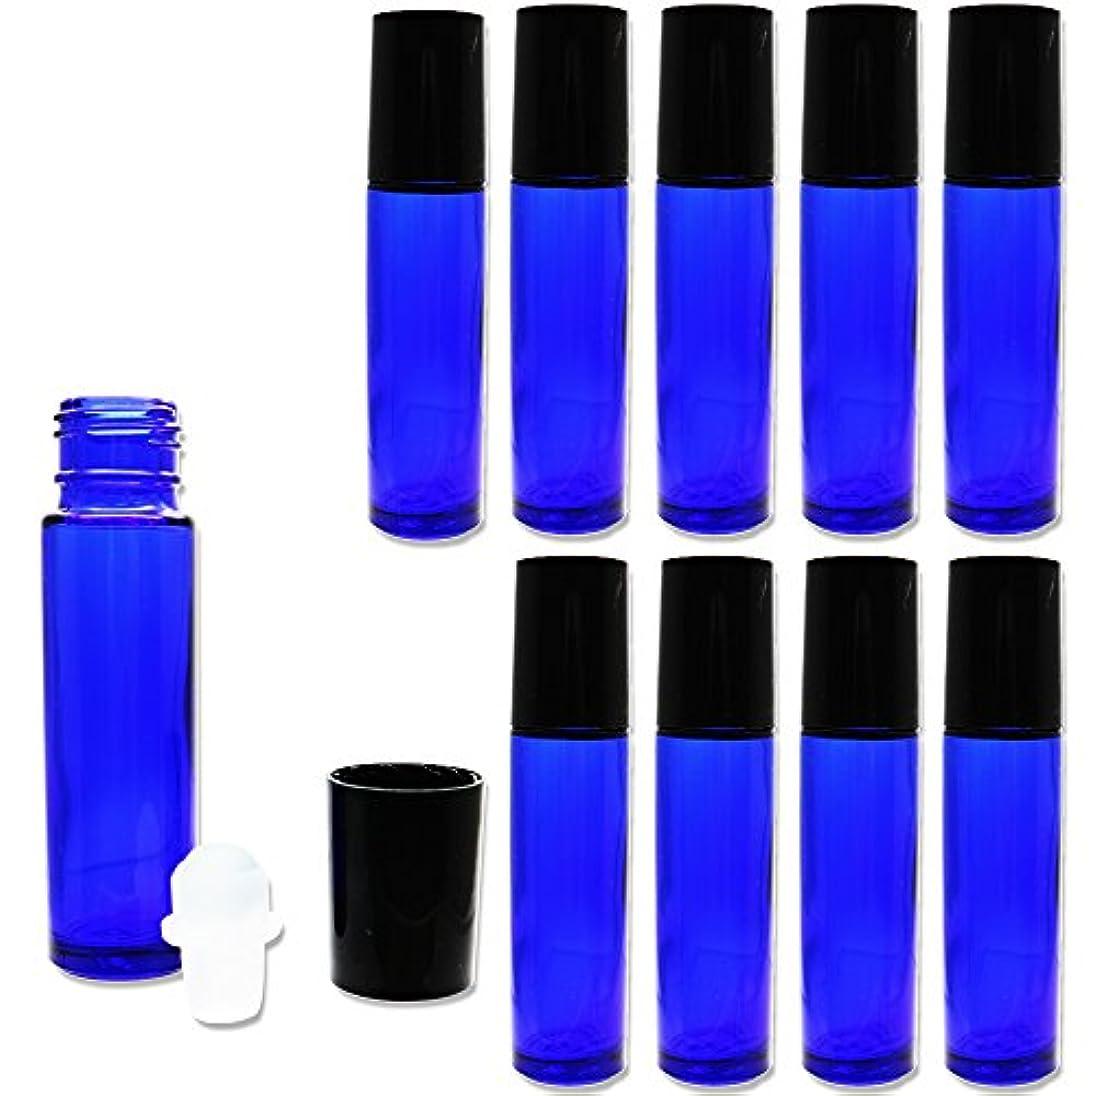 誰食事導体Solid Value ロールオンボトル アロマオイル ガラスロール 詰め替え 遮光瓶 (10ml 10本セット)